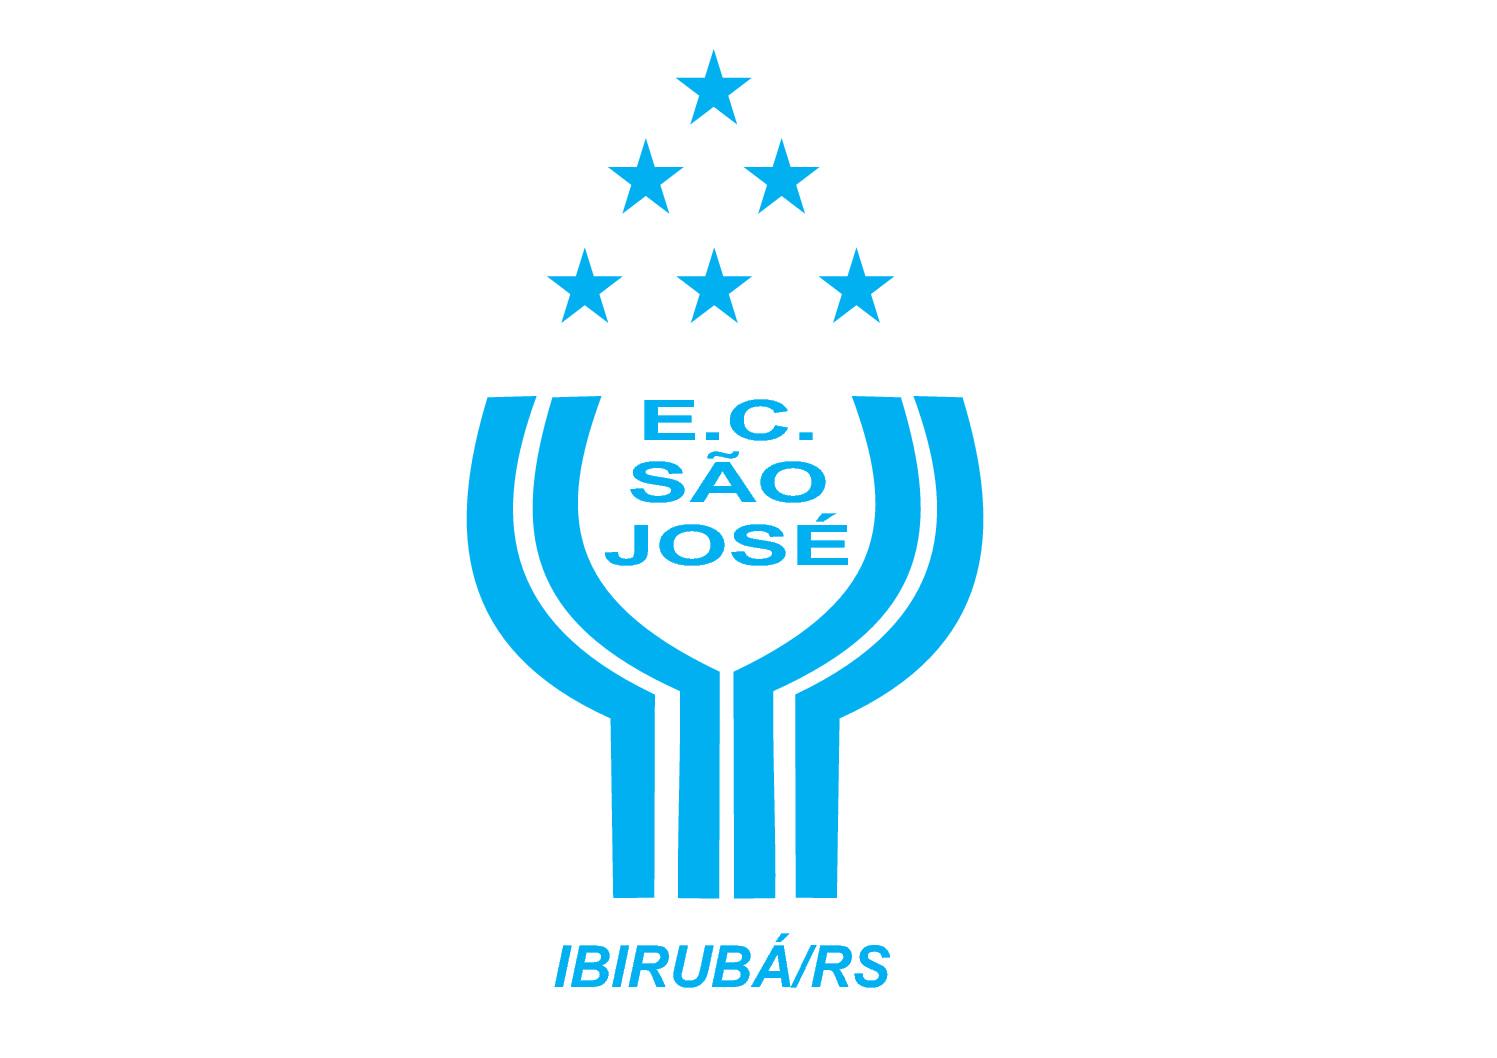 FARDAMENTO E.C SÃO JOSÉ DE IBIRUBÁ/RS.